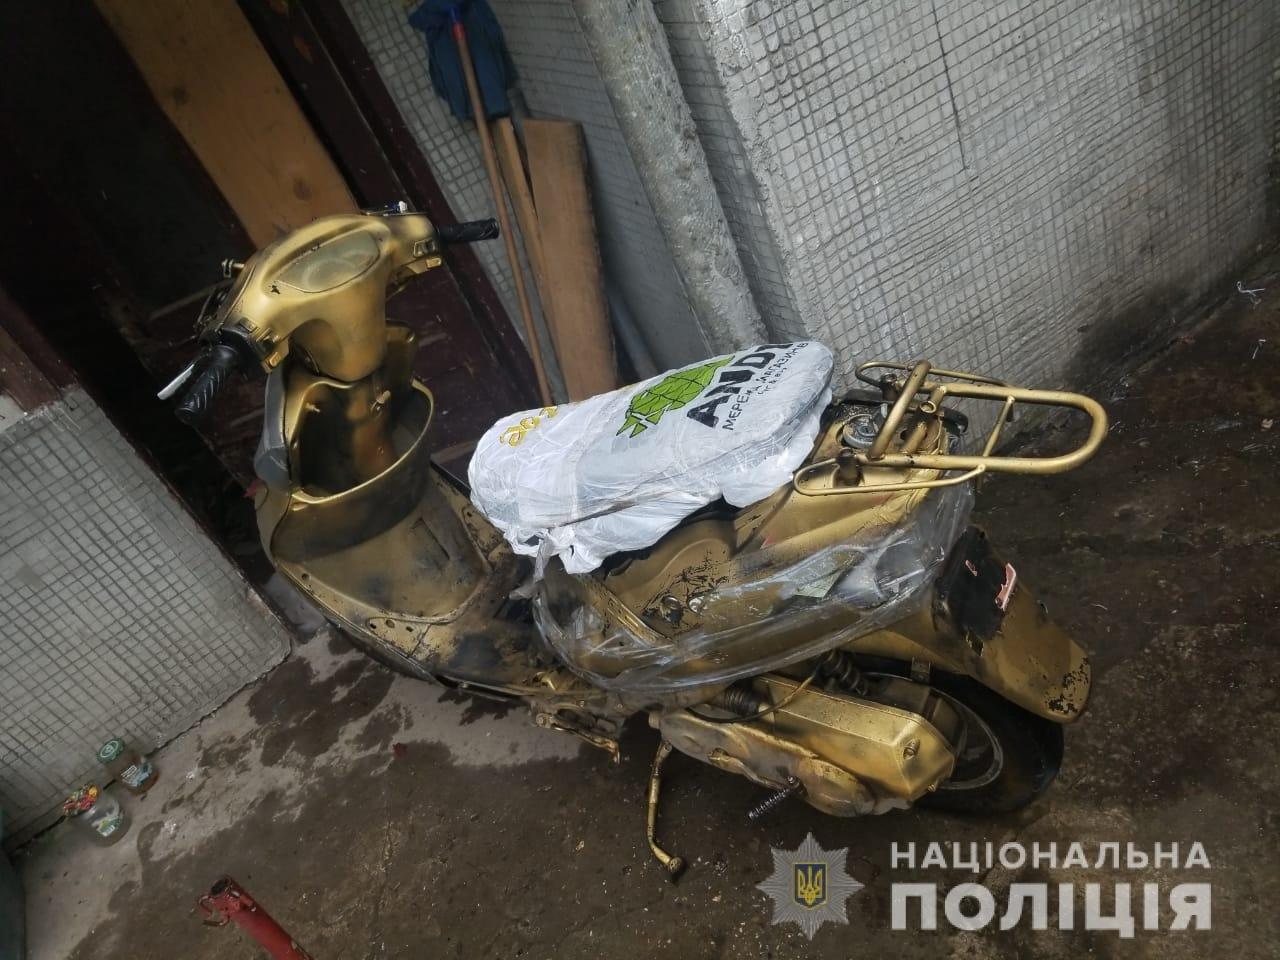 Викрав у знайомого скутер: на Закарпатті трапилоась пограбування (ФОТО), фото-1